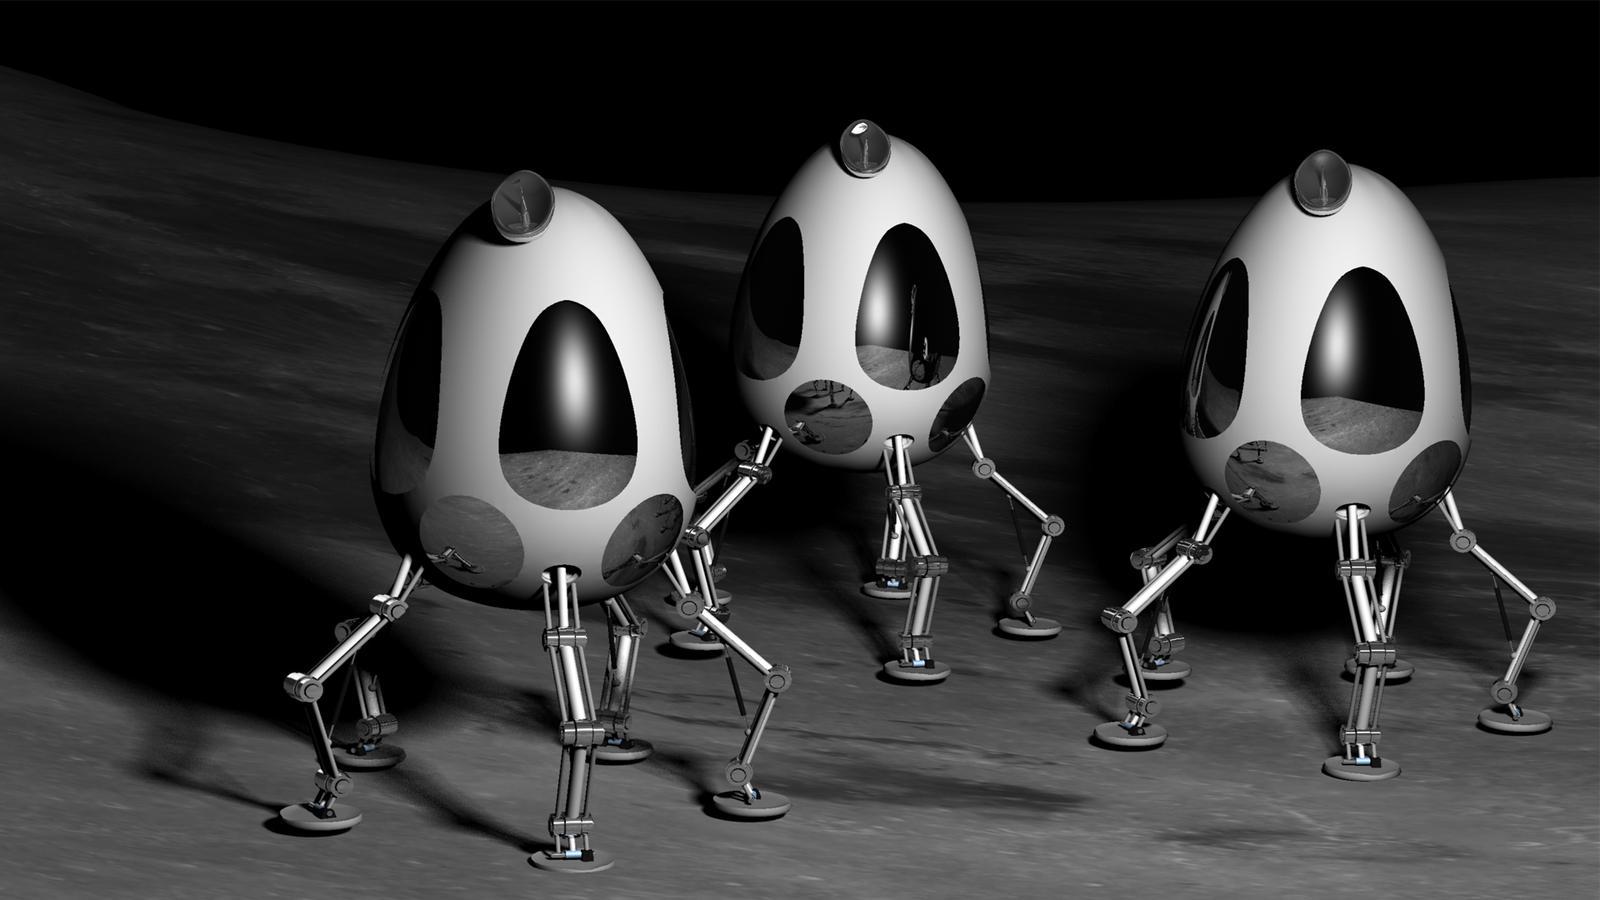 Lunar Bots by TylerXy